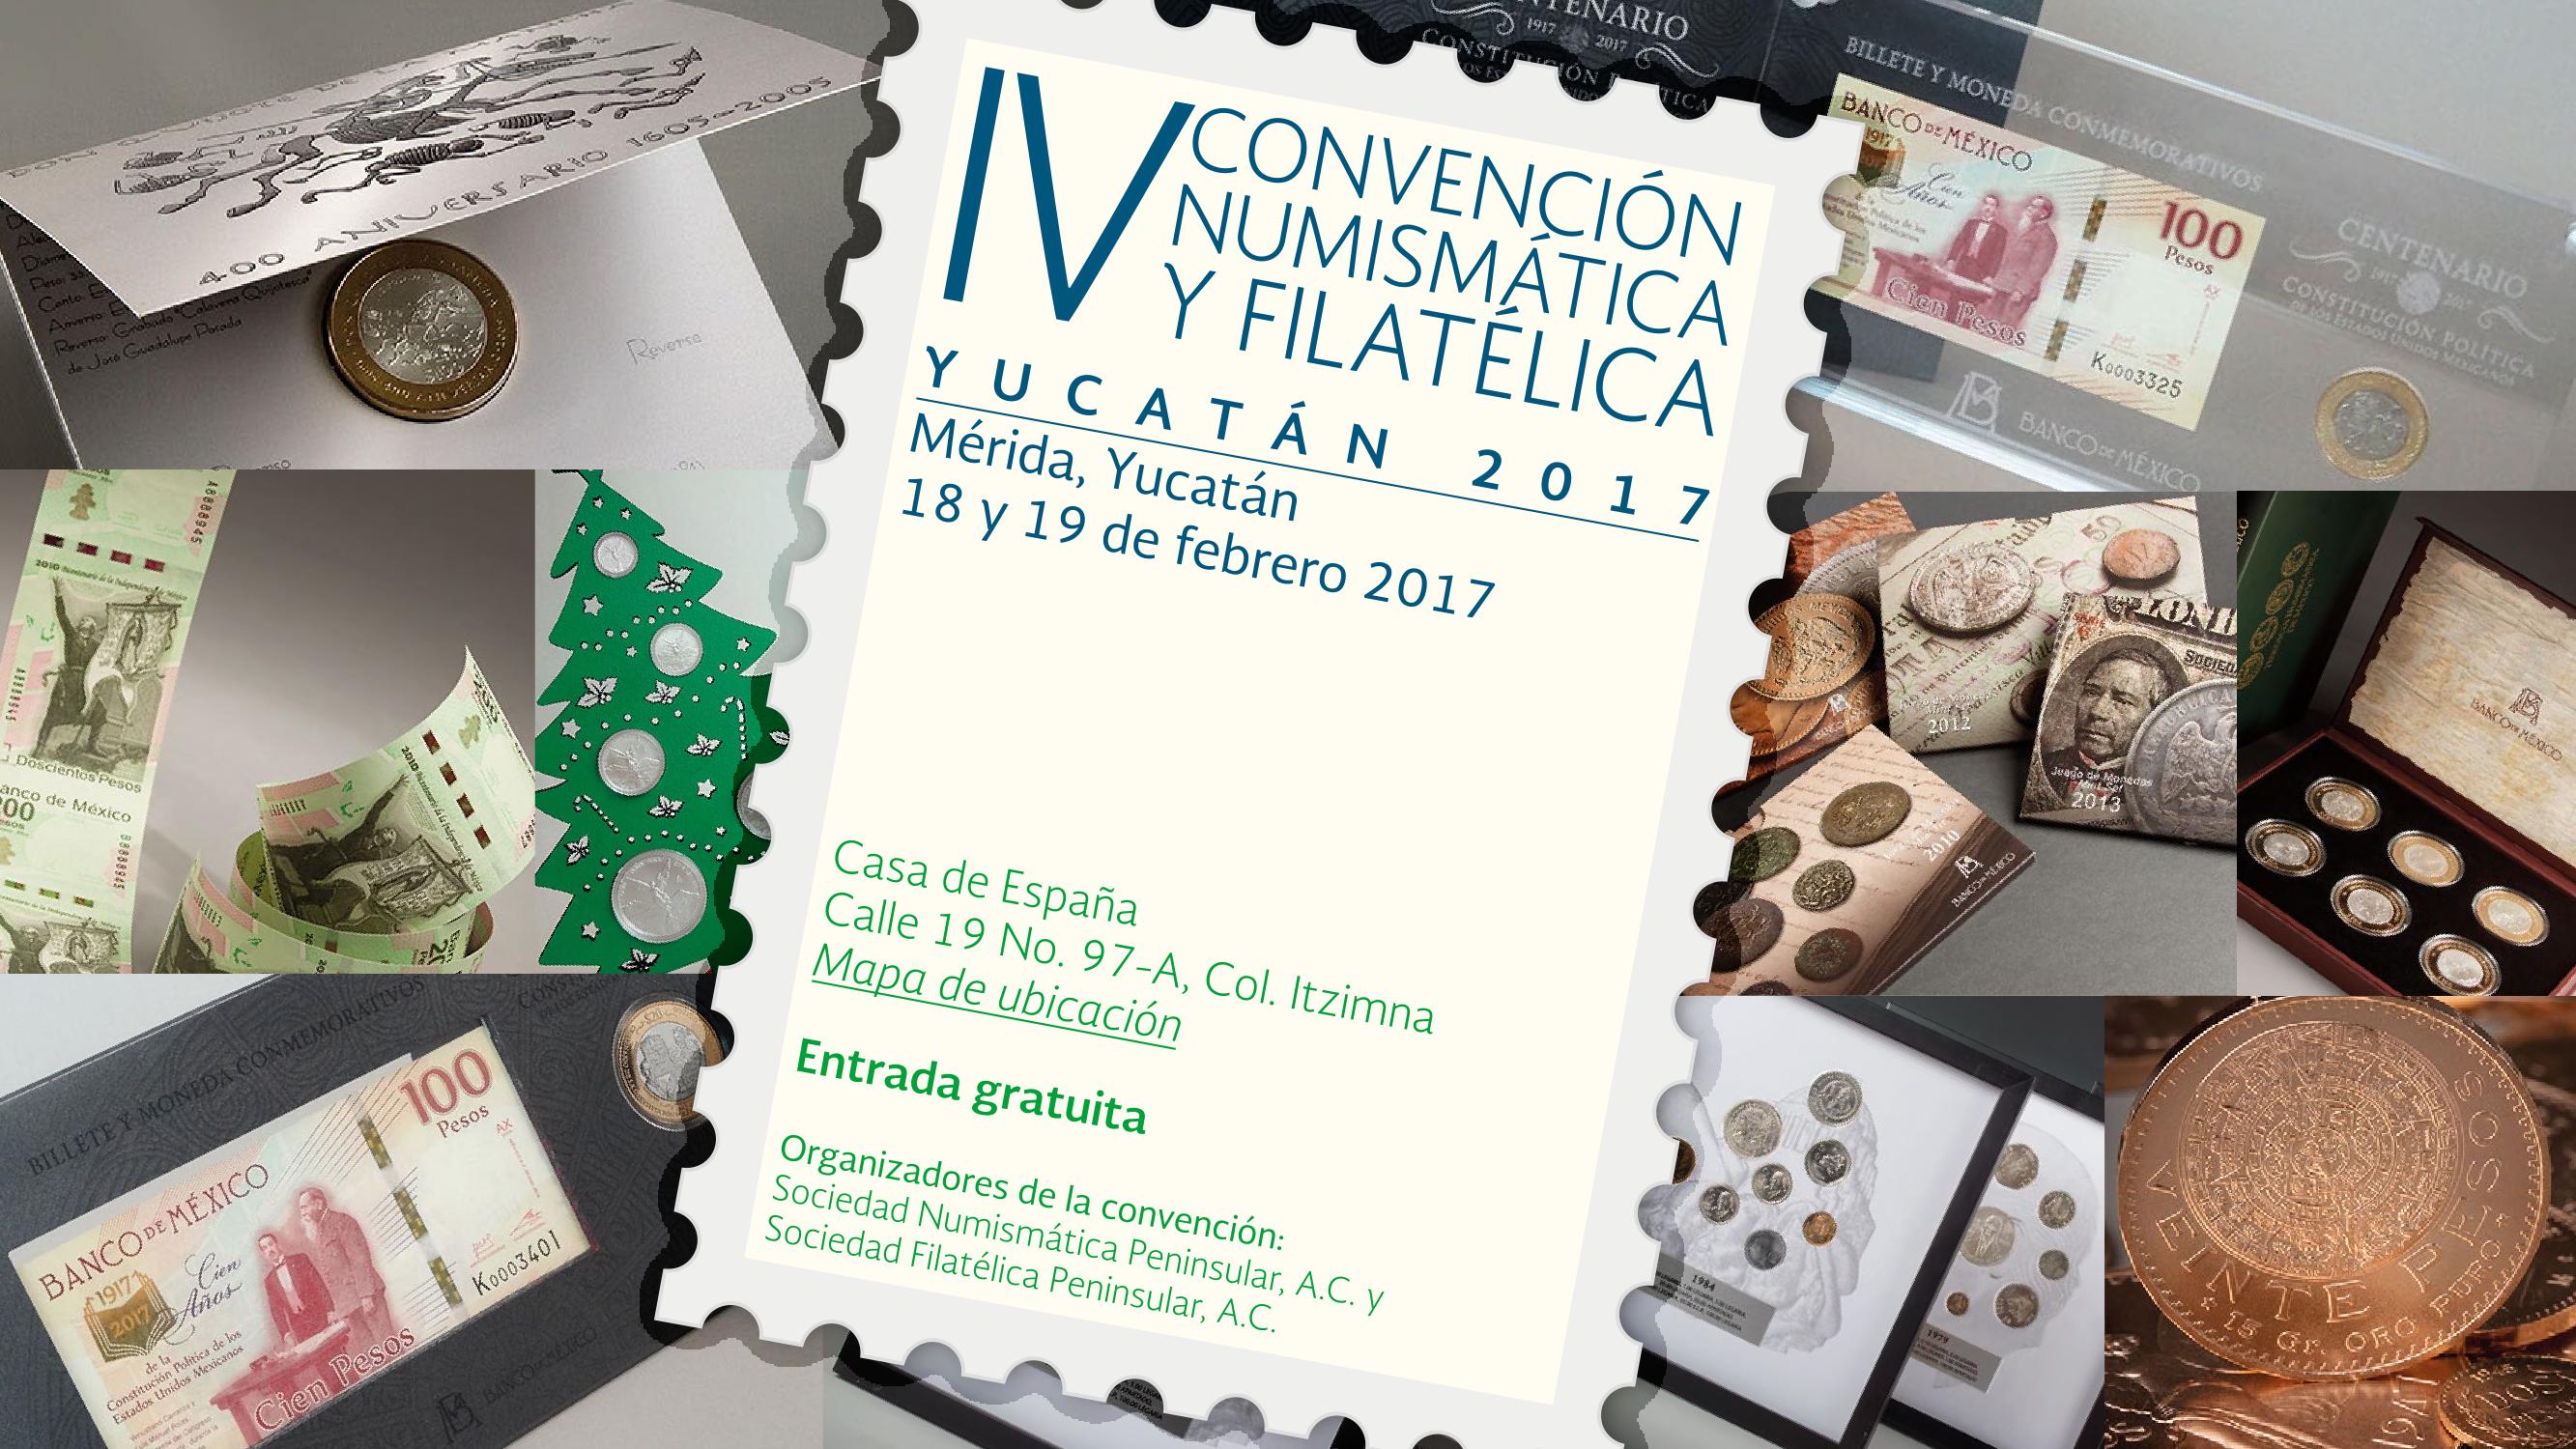 convencion numismatica yucatan